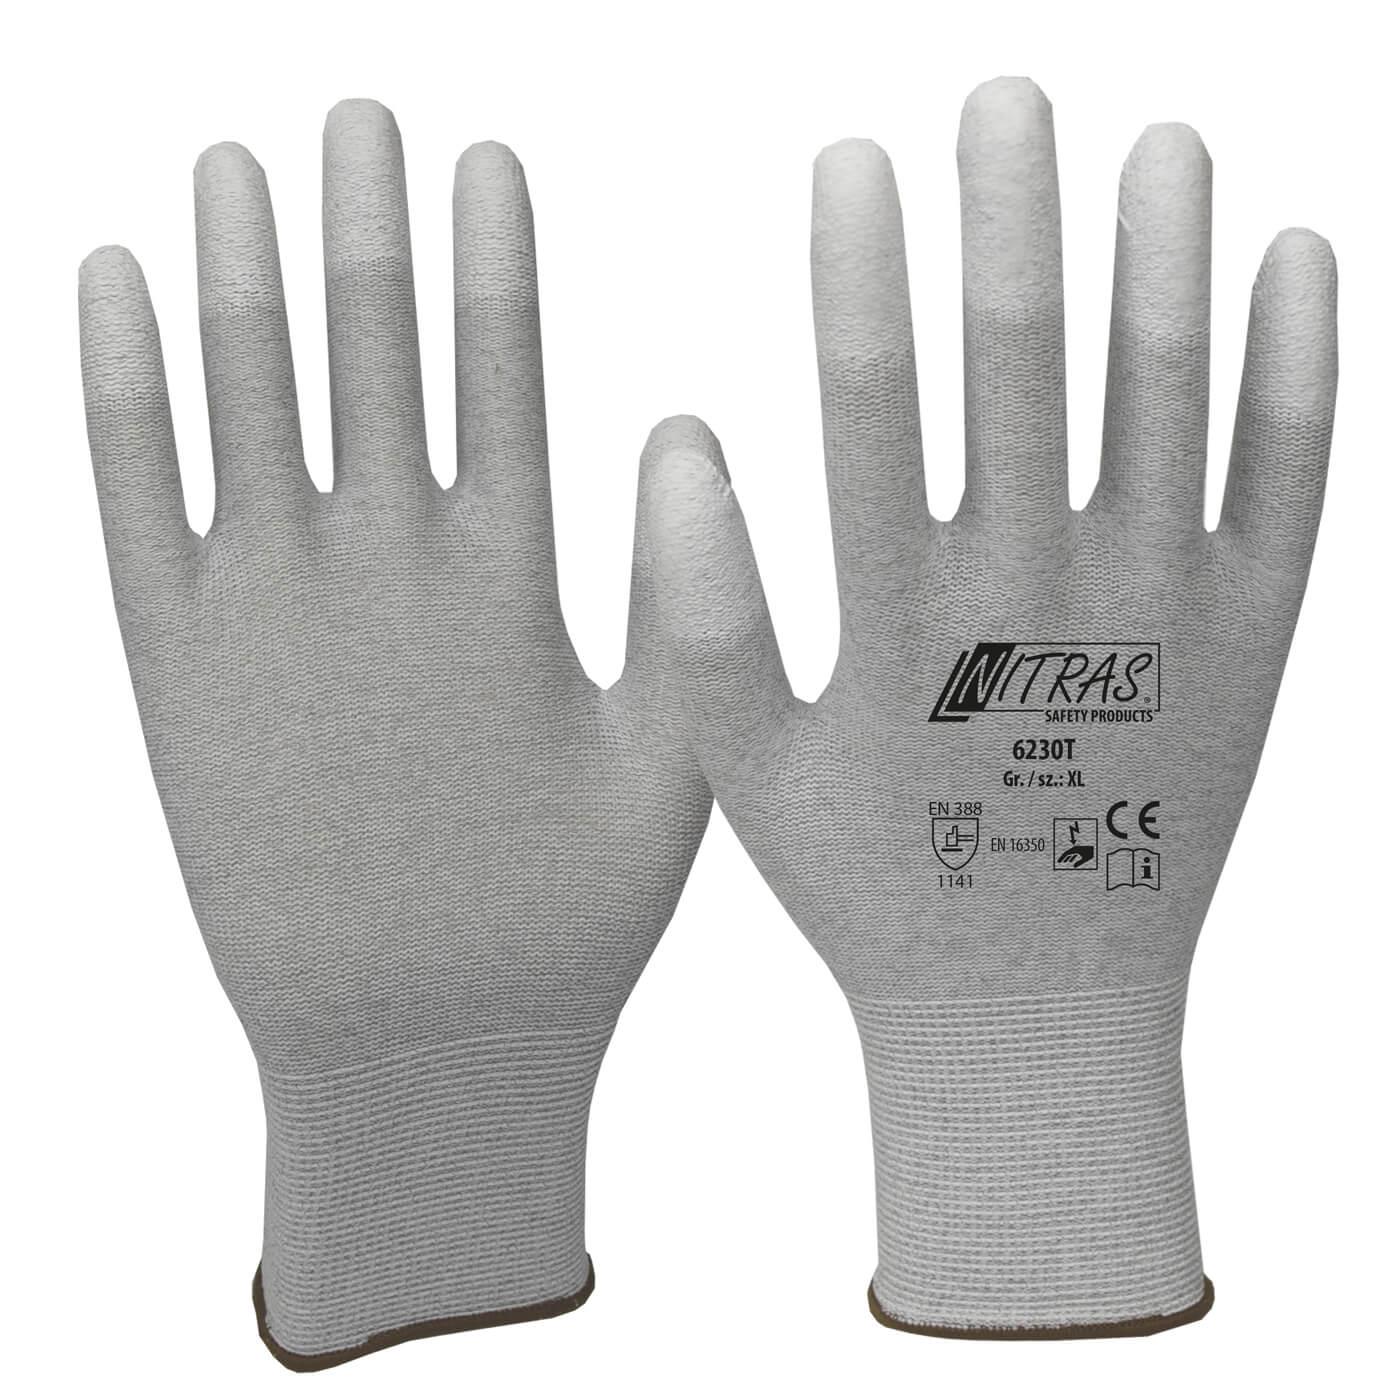 Rękawice antystatyczne Nitras 6230T